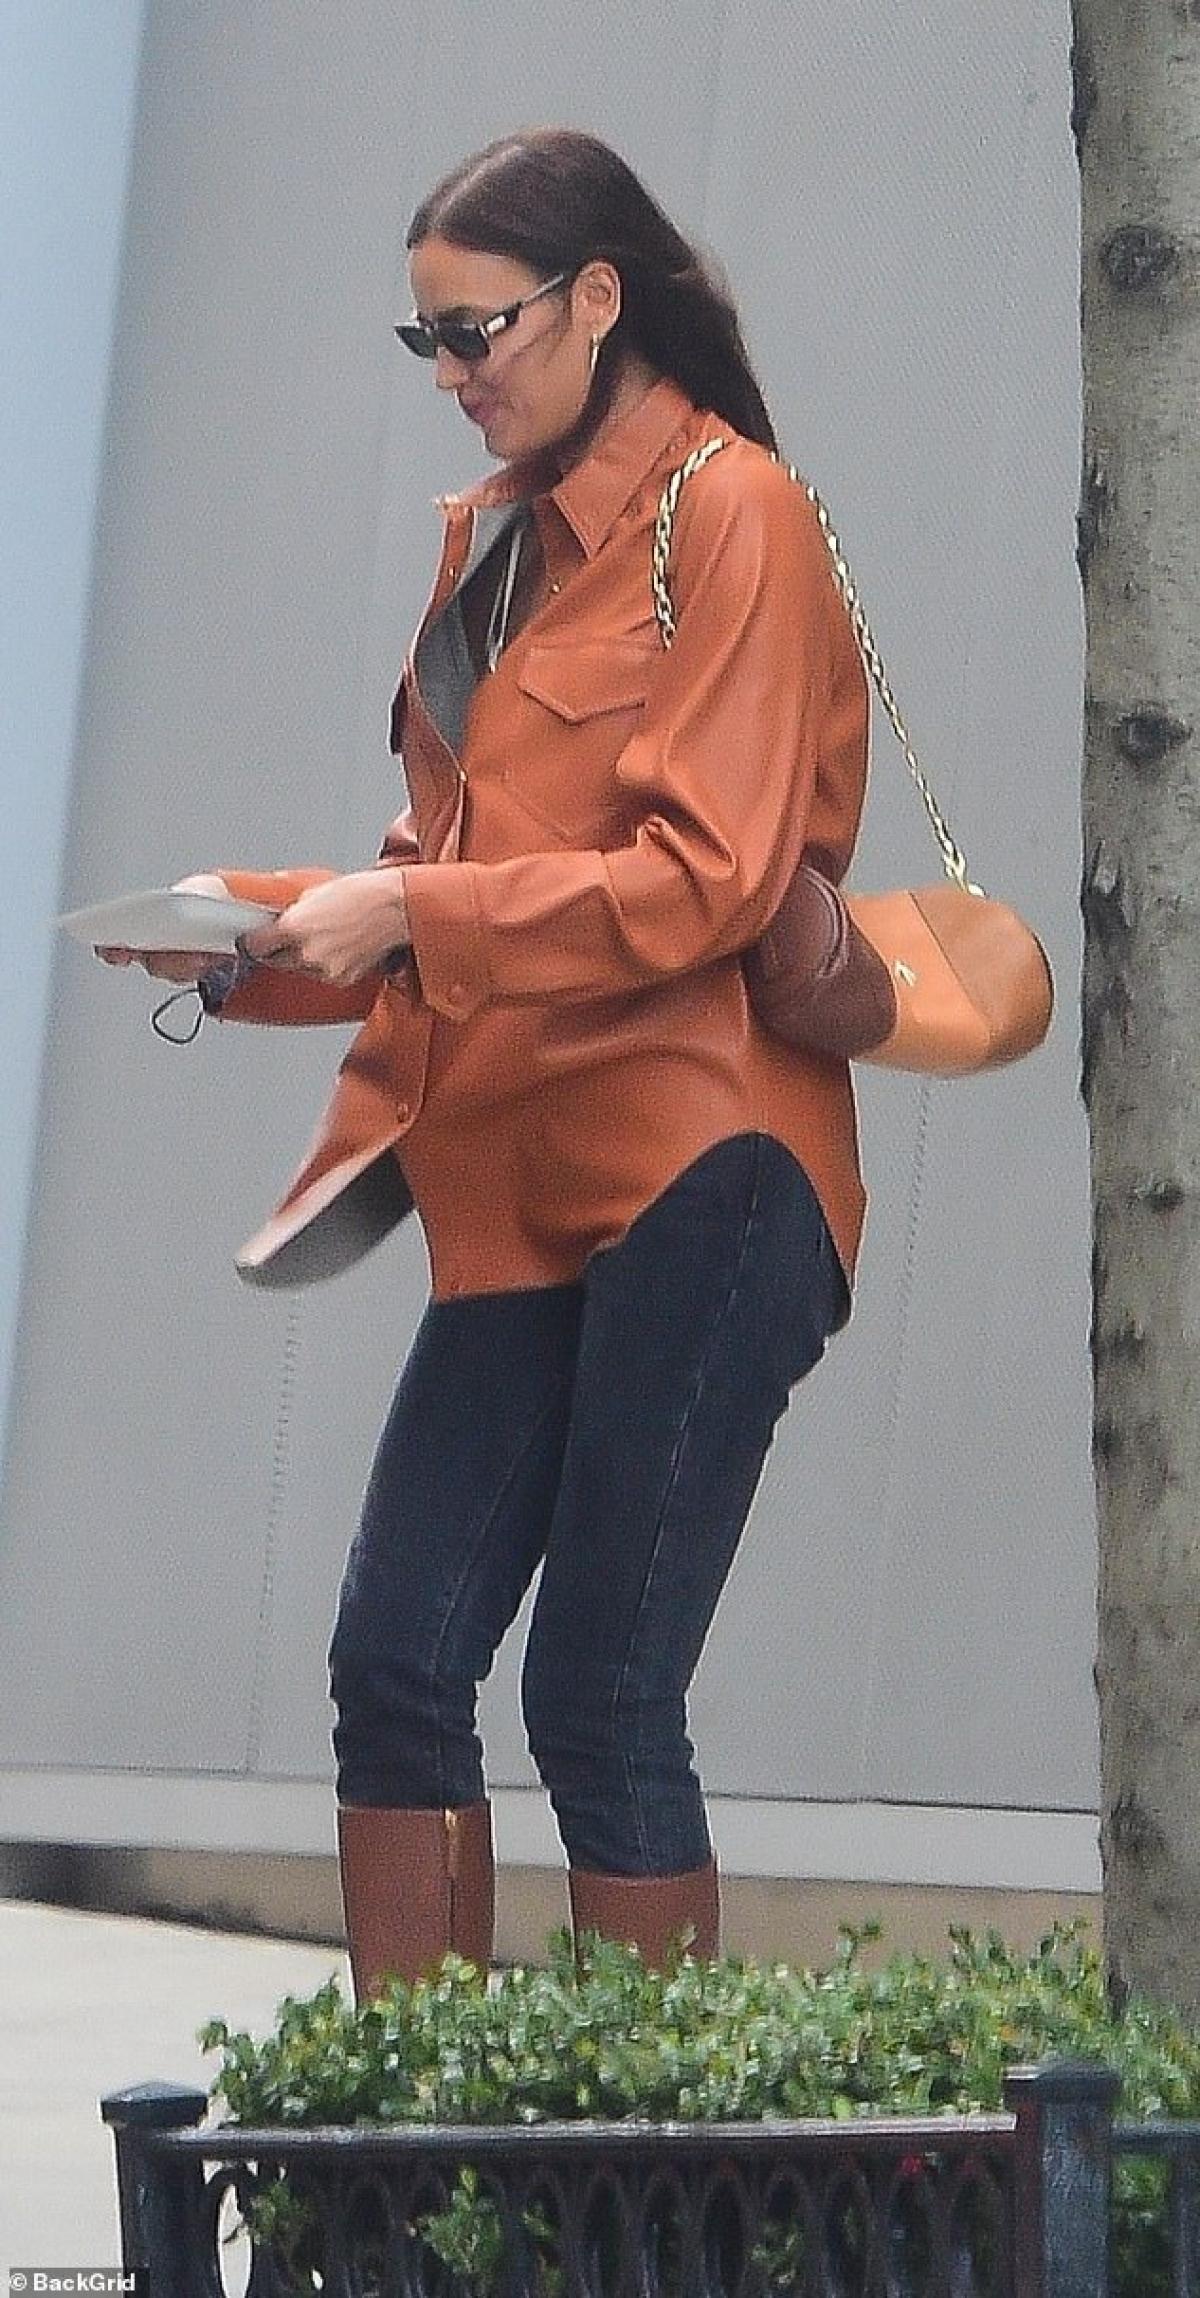 Siêu mẫu Irina Shayk diện áo sơ mi và quần jeans khỏe khoắn.